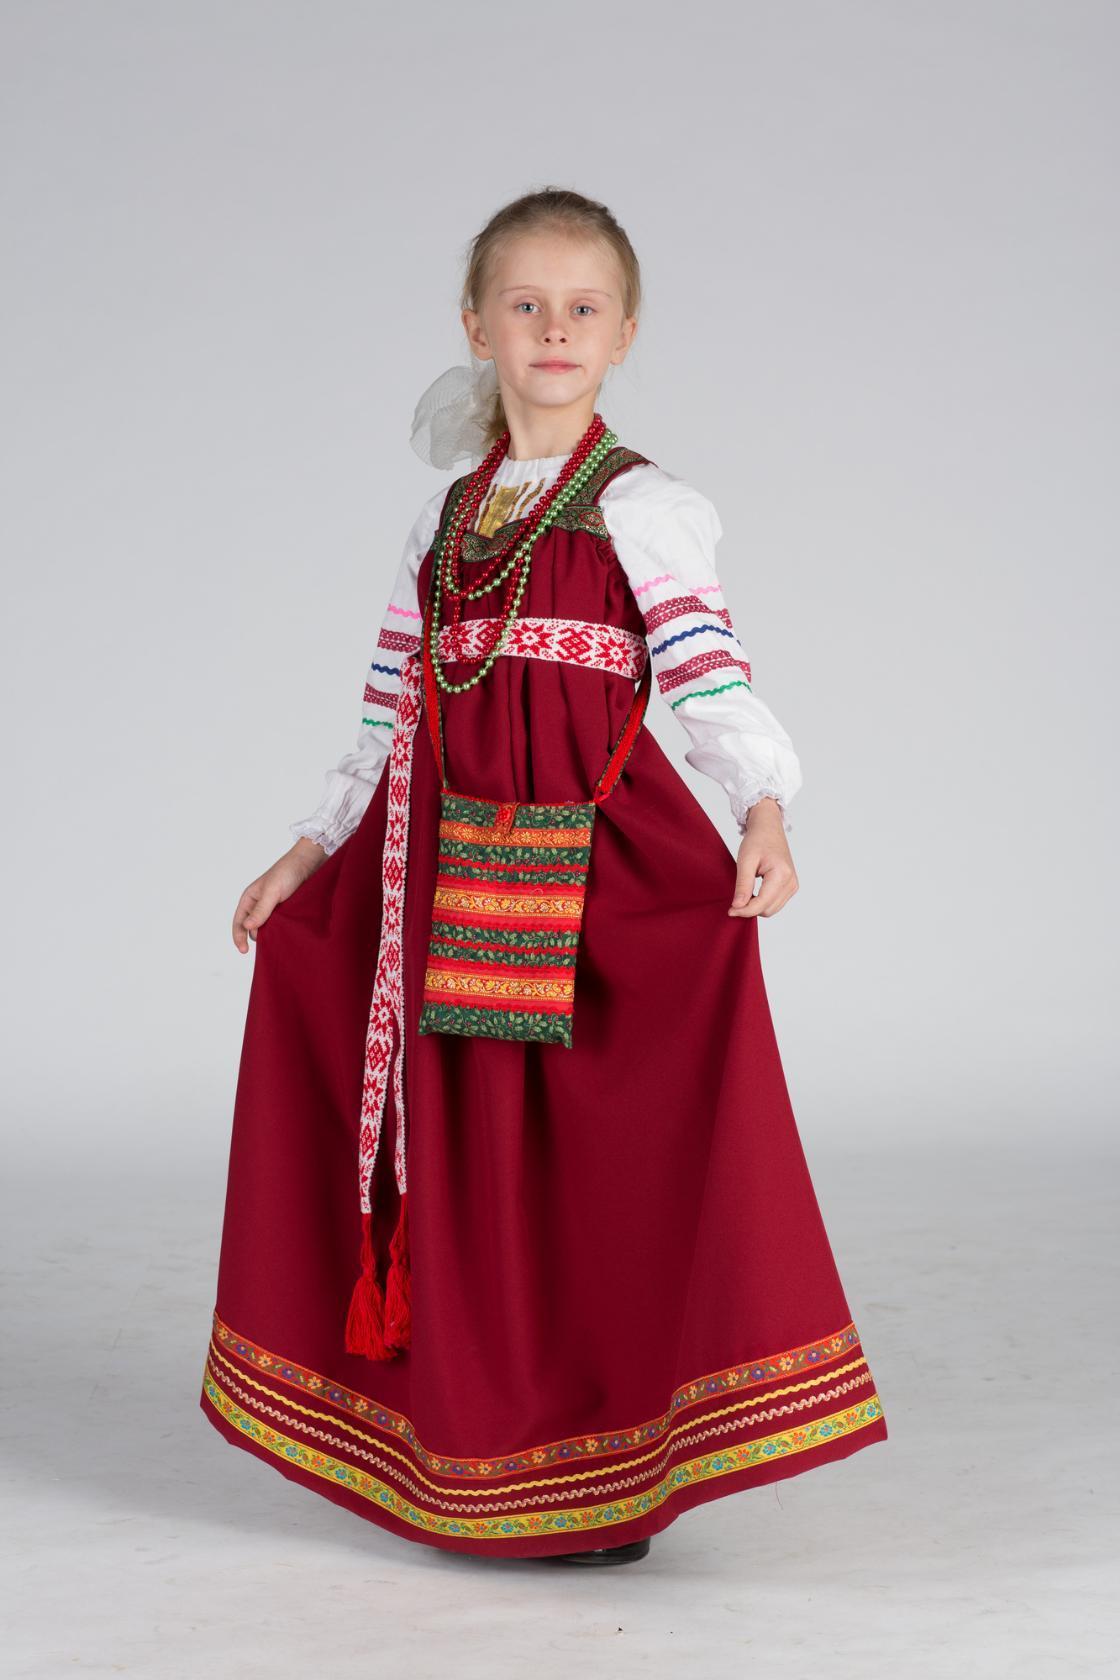 35b8b72a719 Сегодня на фотофоруме  яркий сарафан в русском народном стиле. За основу  была взята выкройка платья из Burda 9  2009